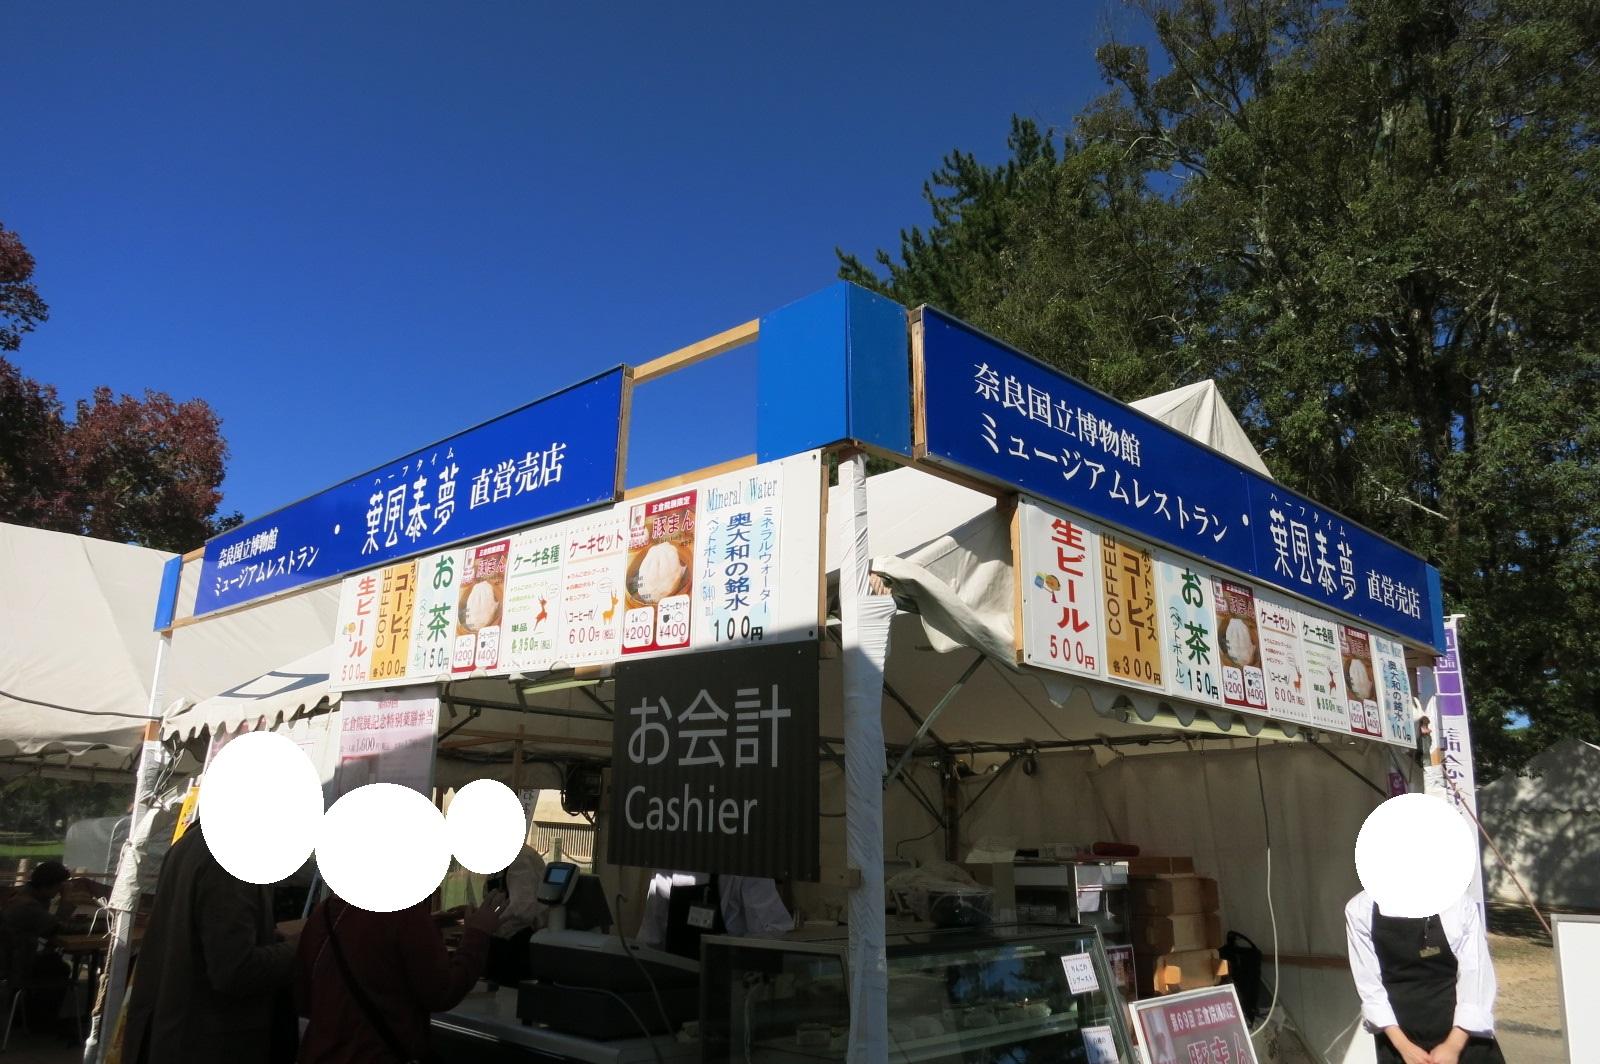 正倉院展の出口を出ると、喫茶・飲食コーナーもあって、奈良の食材が楽しめます。